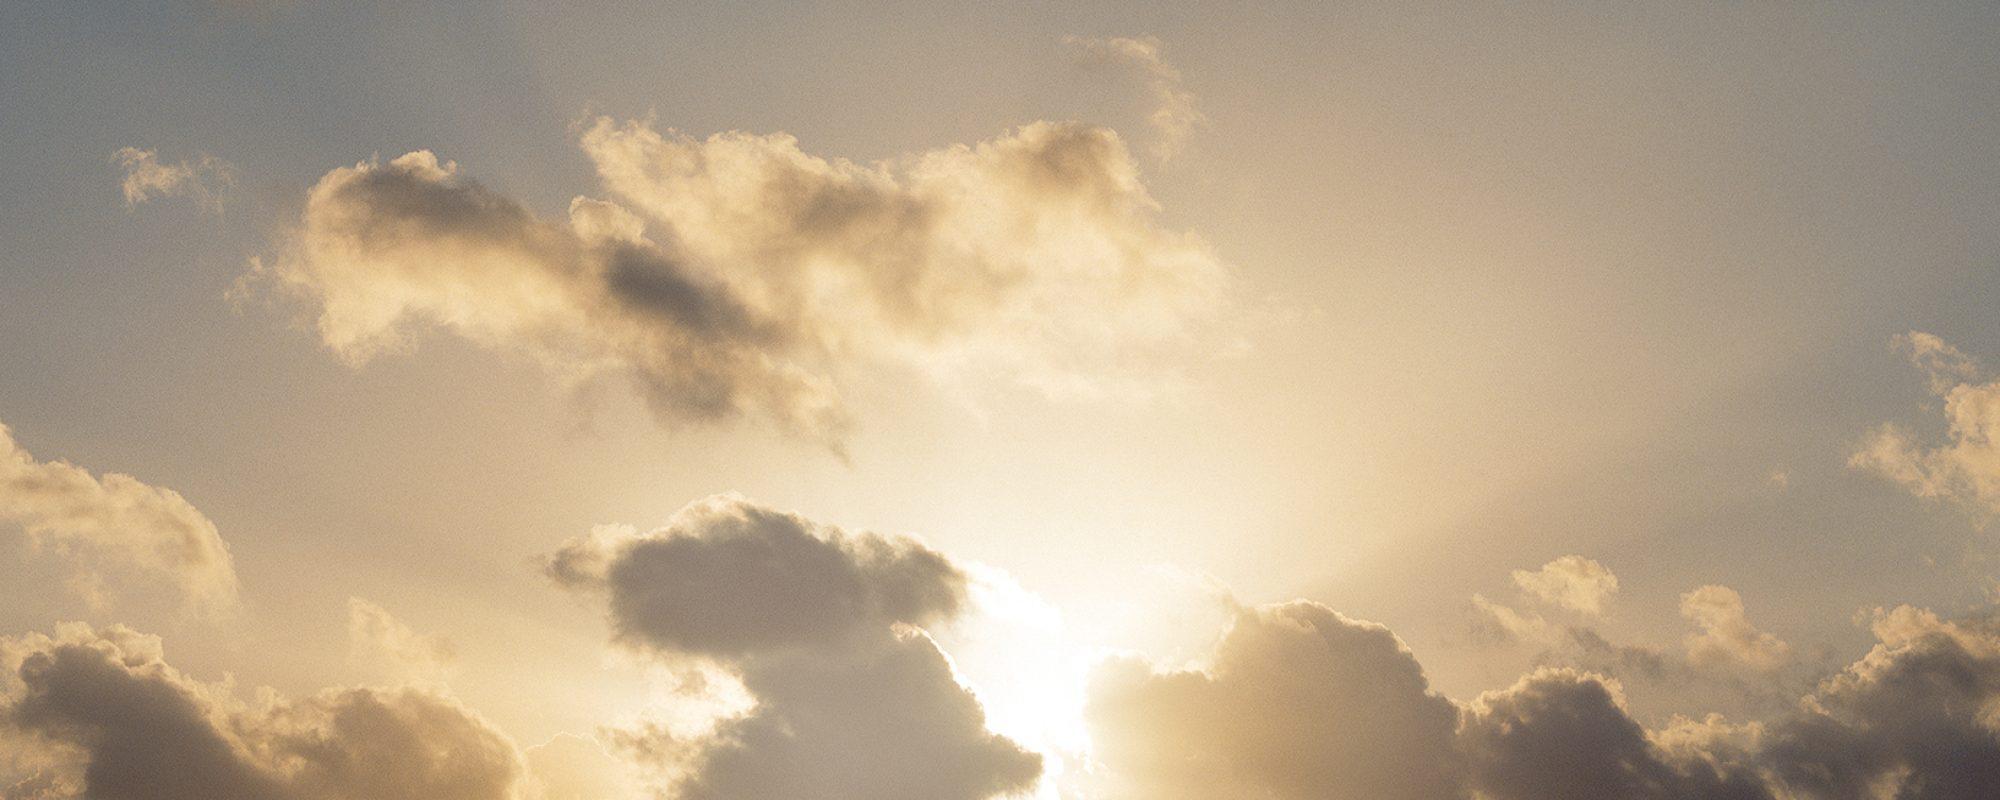 Sonne hinter einzelnen, dunklen Wolken